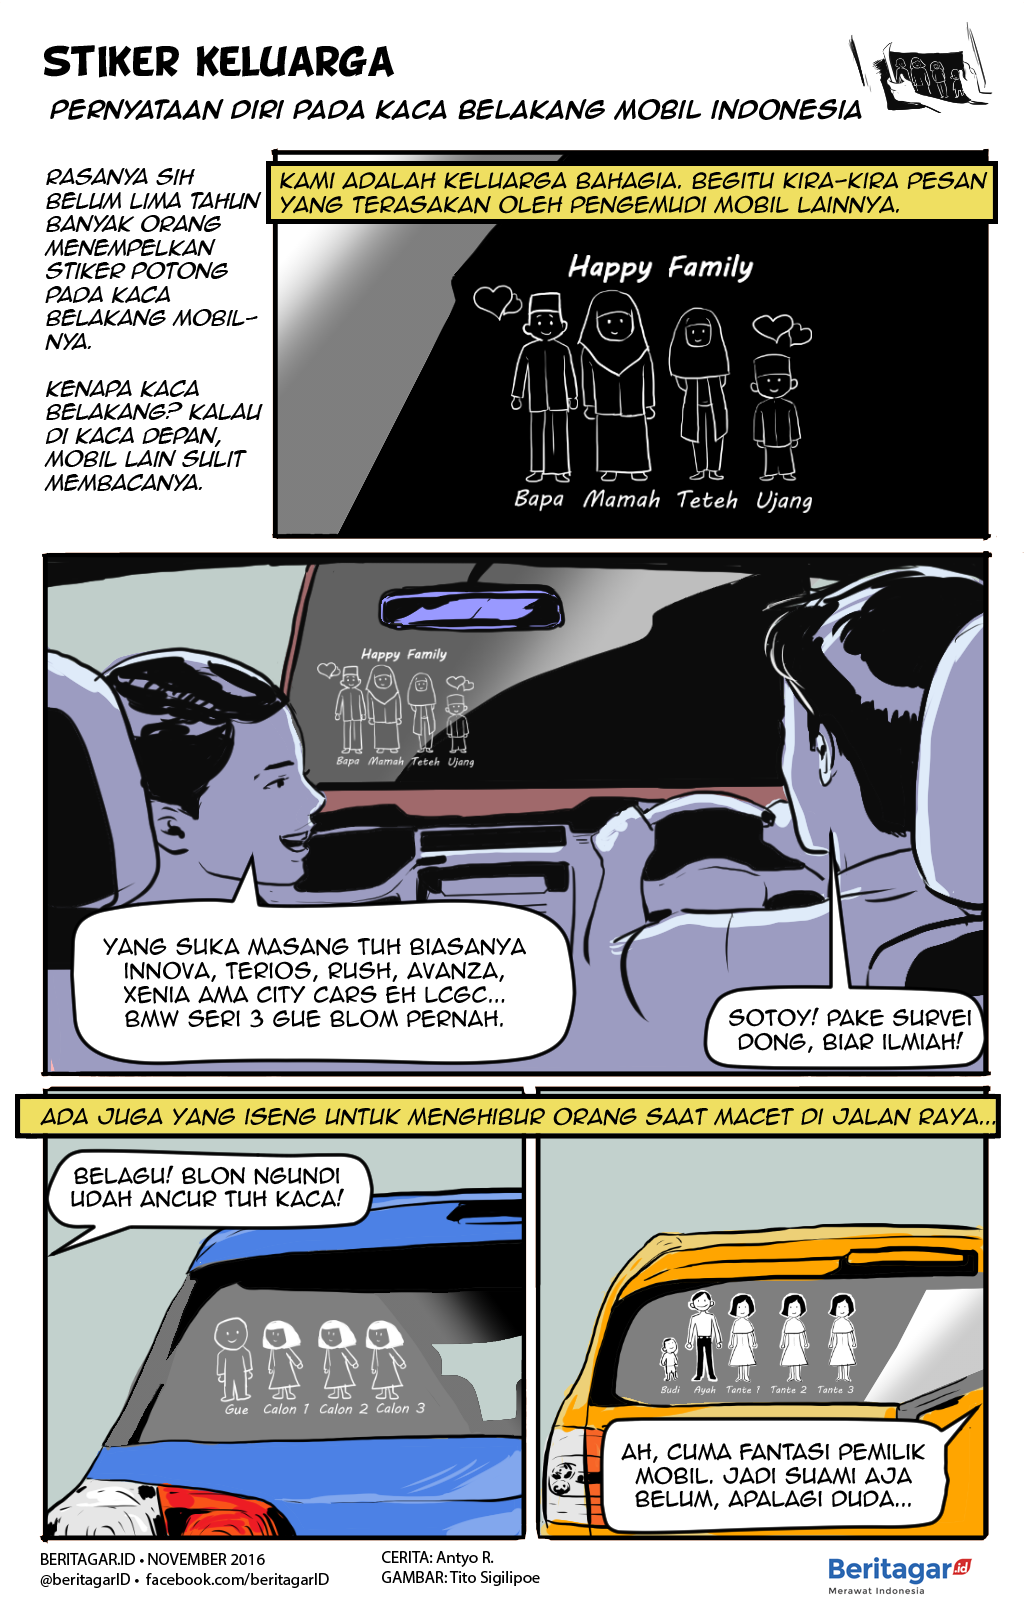 460+ Gambar Kartun Di Kaca Mobil Gratis Terbaru